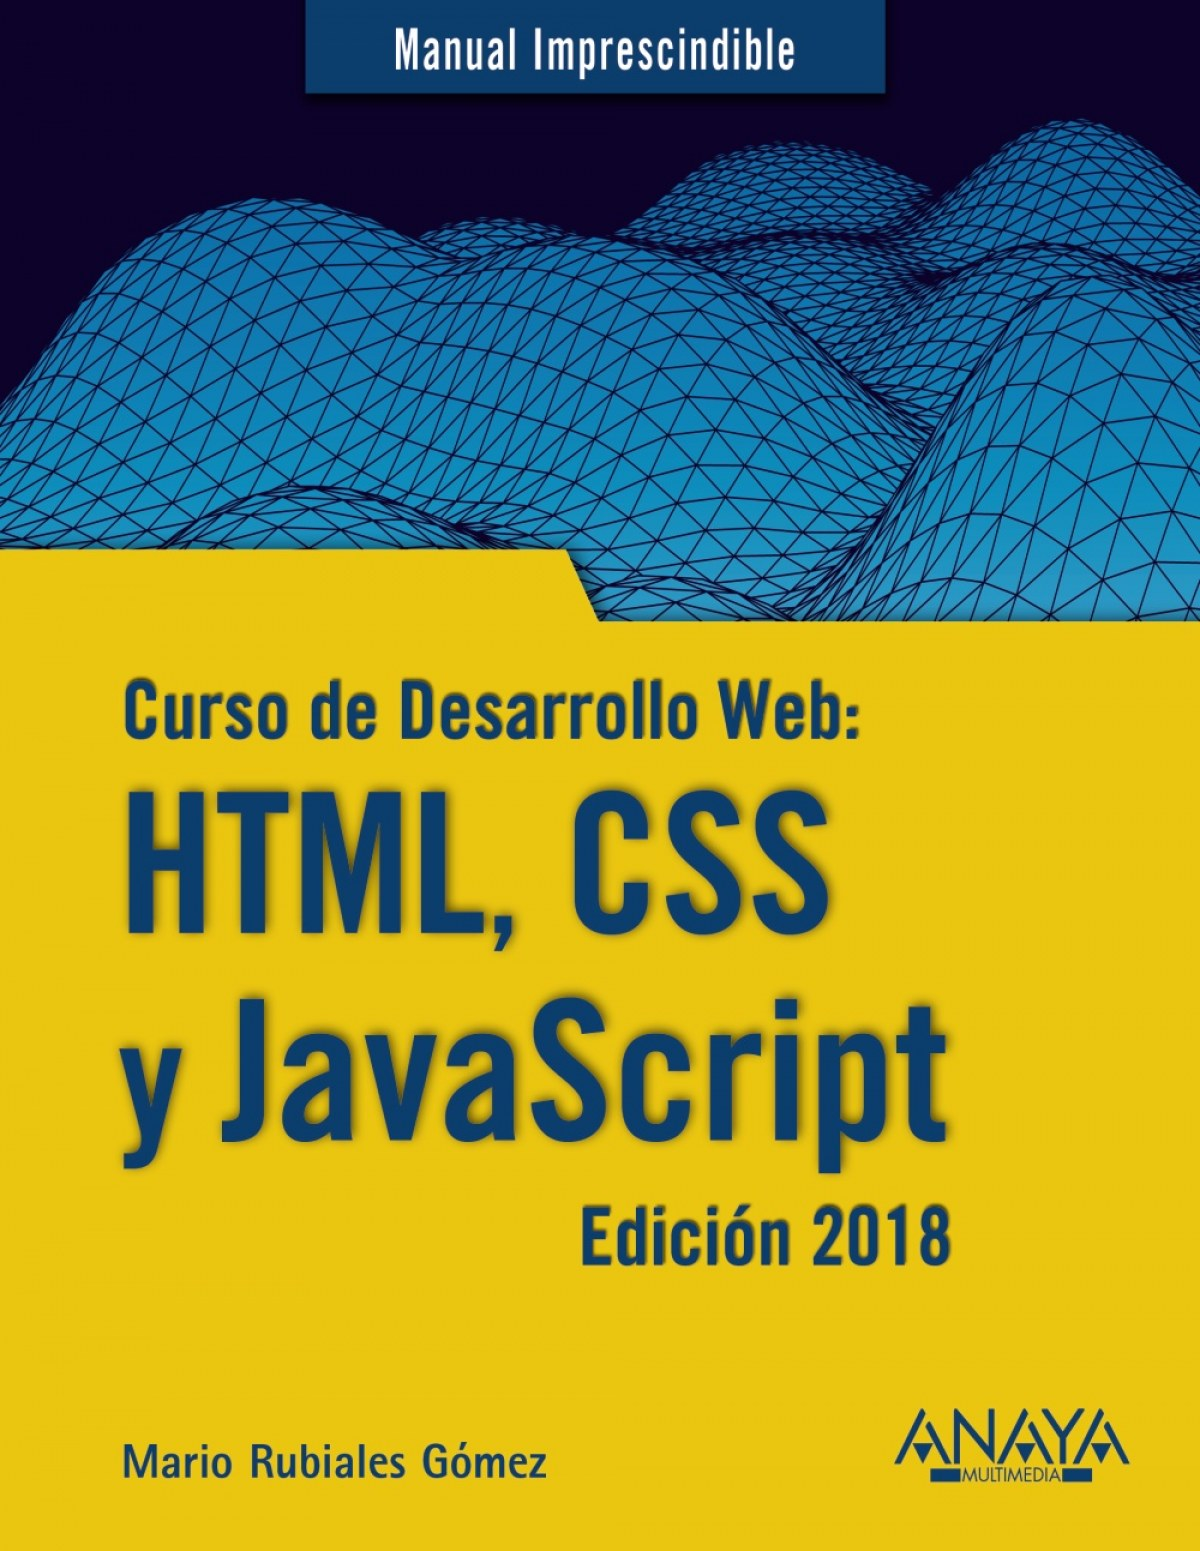 CURSO DE DESARROLLO WEB: HTML, CSS Y JAVASCRIPT. EDICIóN 2018 9788441539396